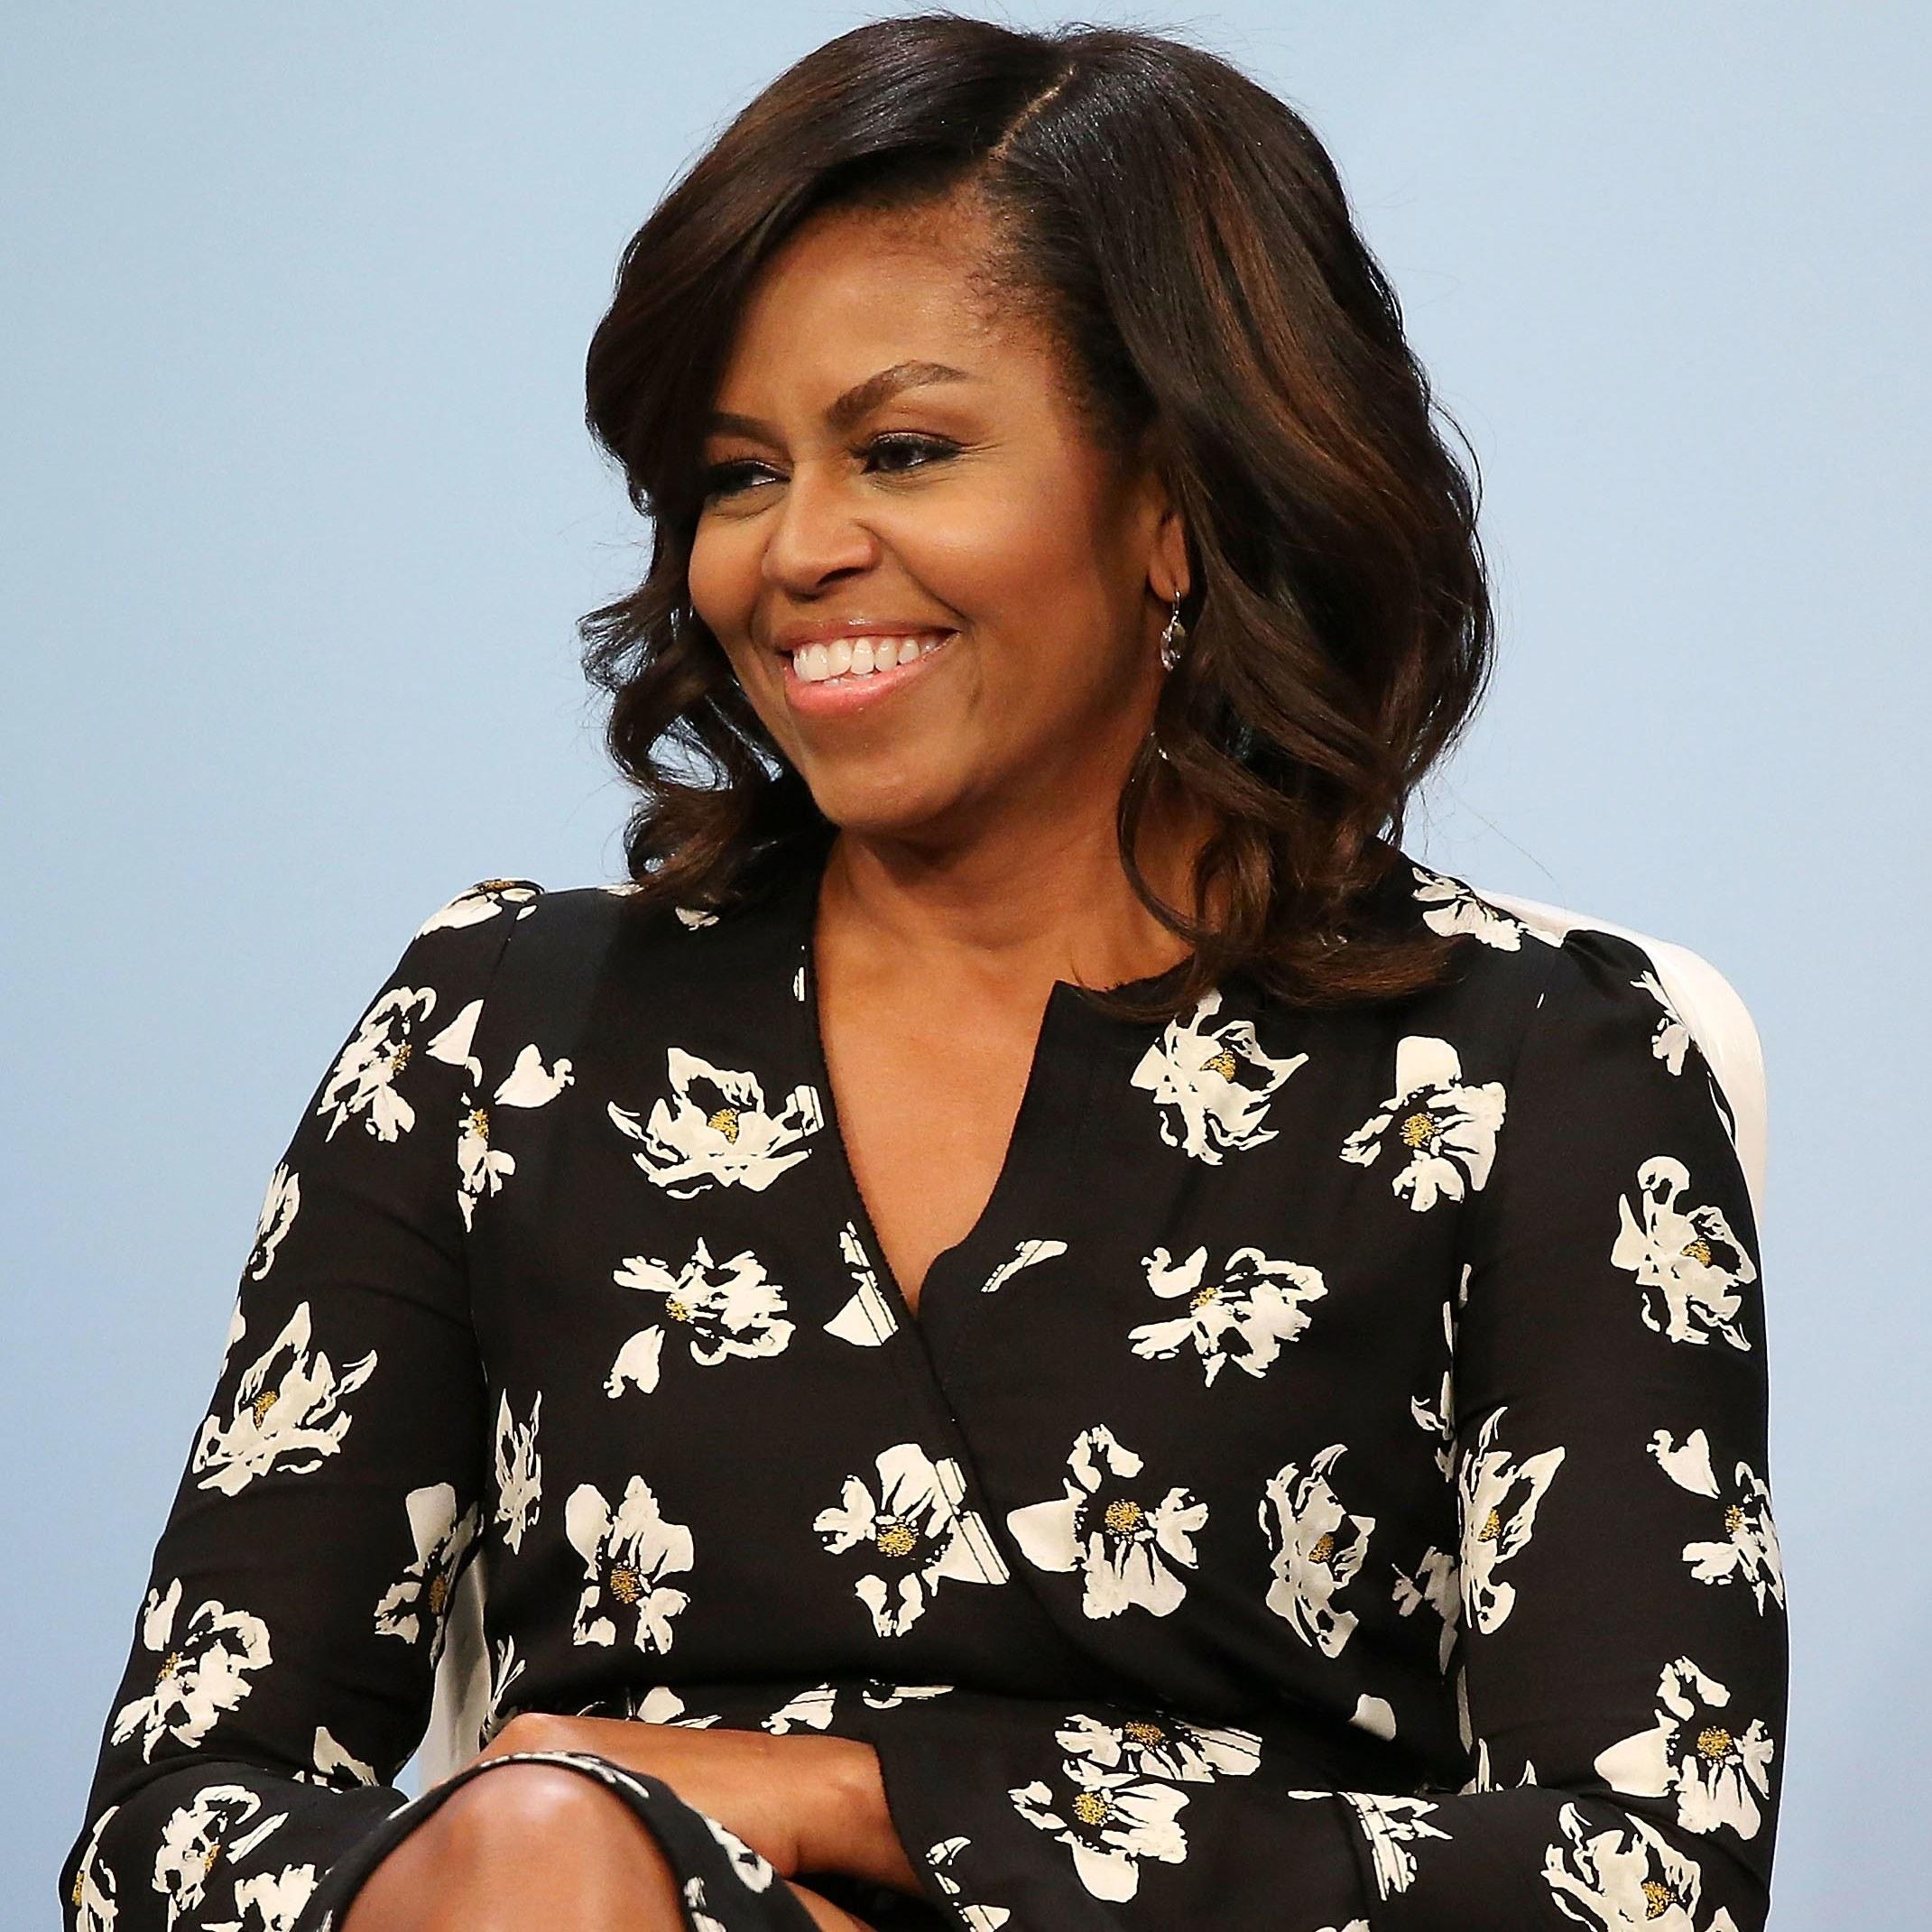 00-square-michelle-obama-masterchef